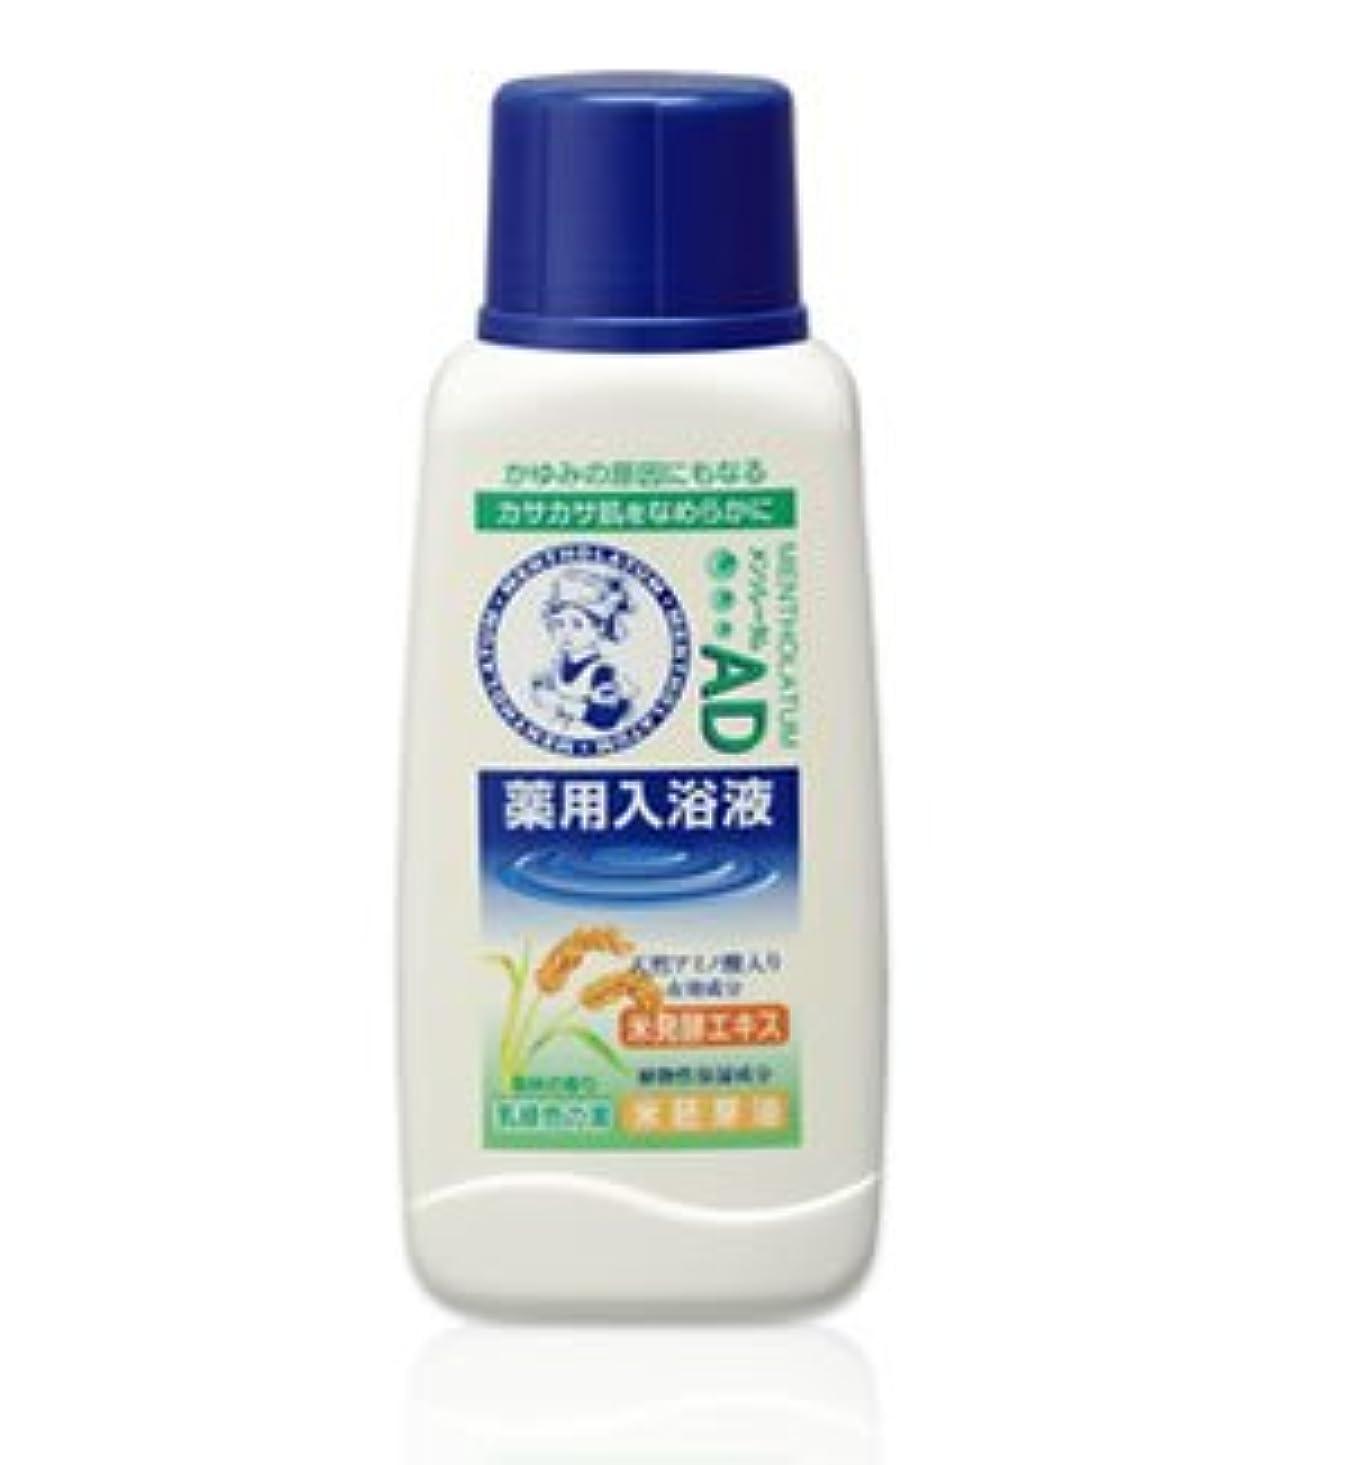 単なるディスパッチ居心地の良い(ロート)メンソレータム AD薬用入浴剤 森林の香り720ml(医薬部外品)